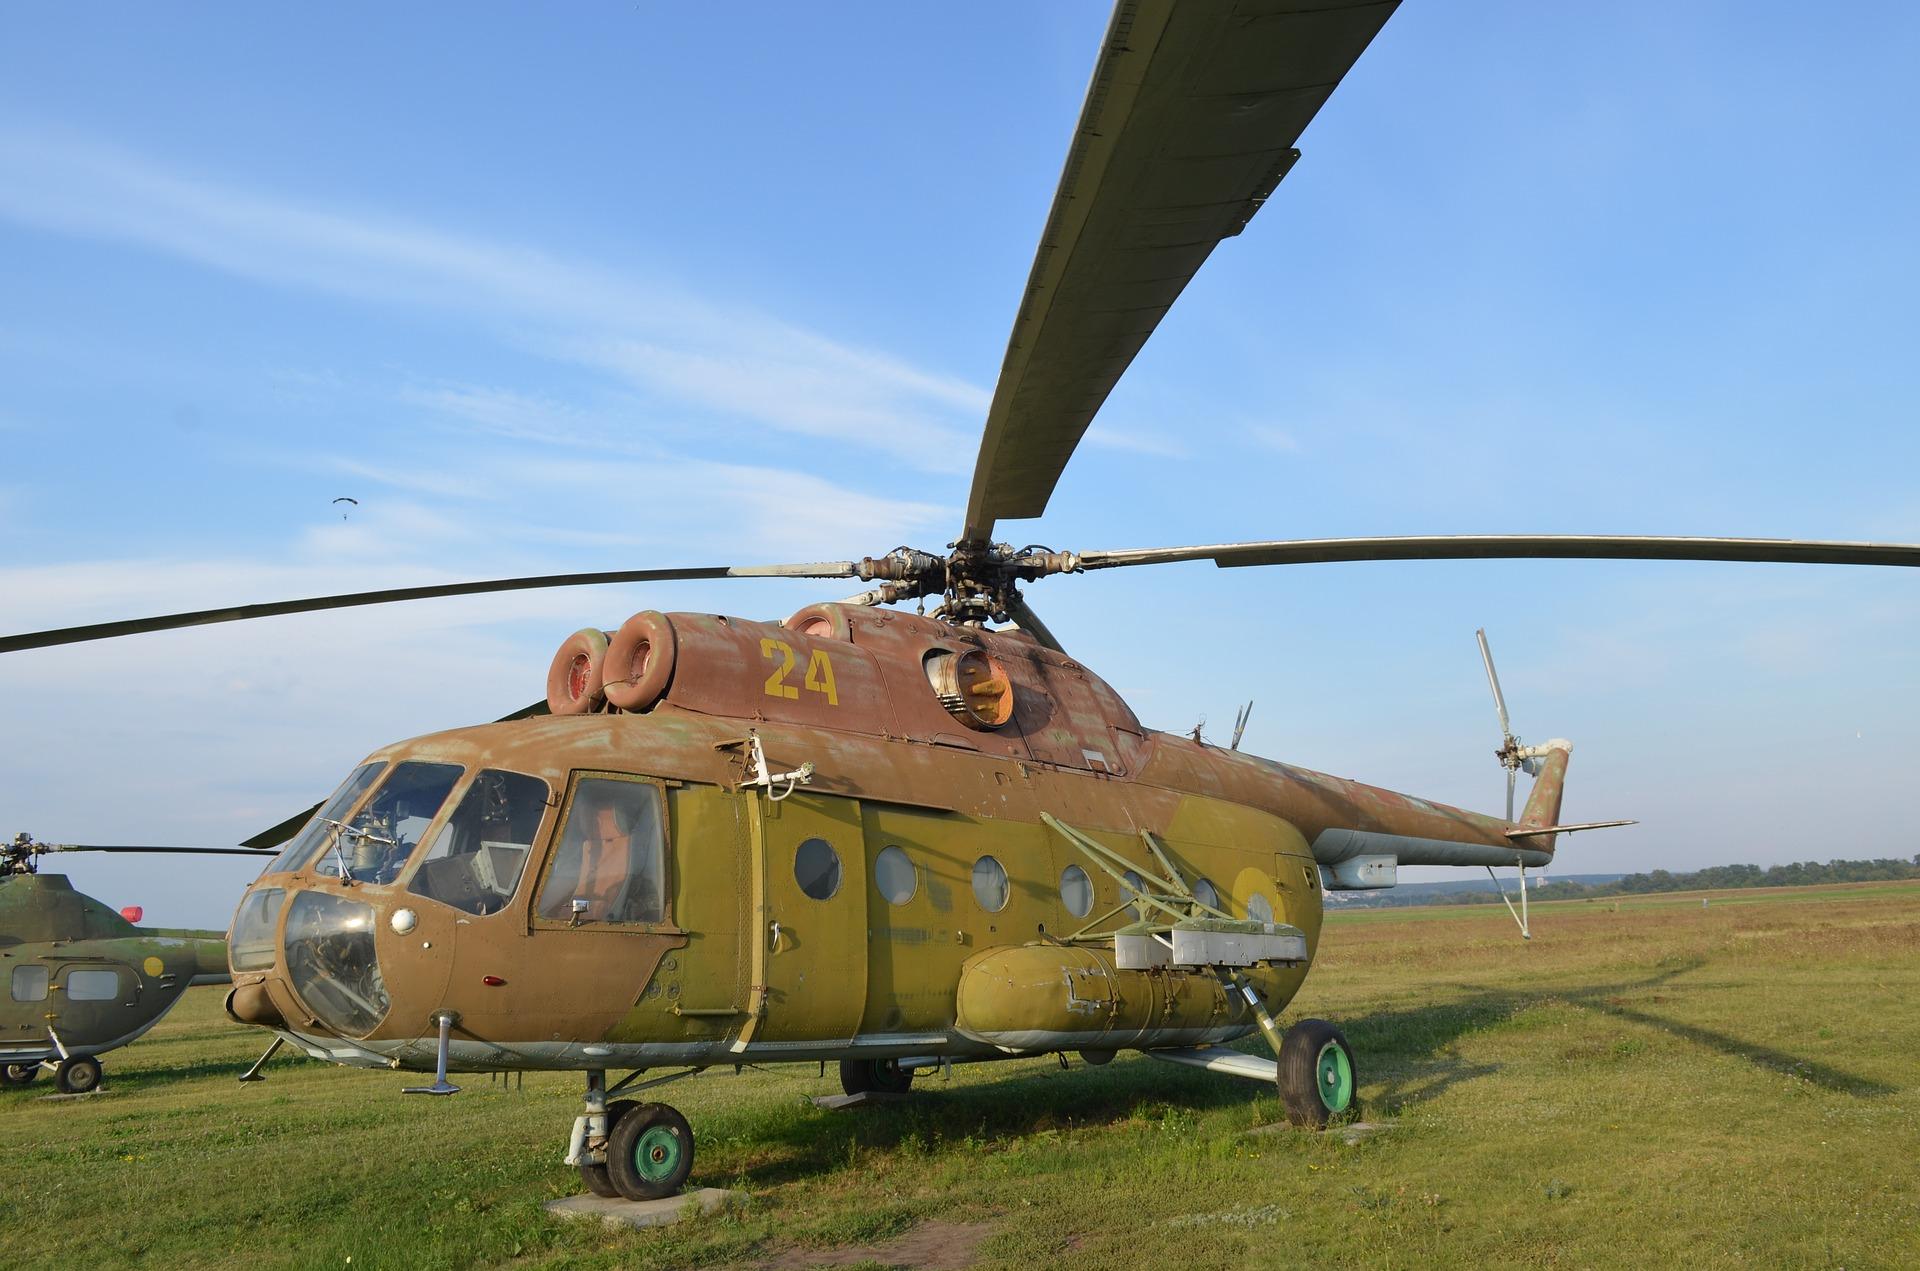 Na Czukotce rozbił się śmigłowiec Mi-8. Kolejna taka katastrofa w Rosji